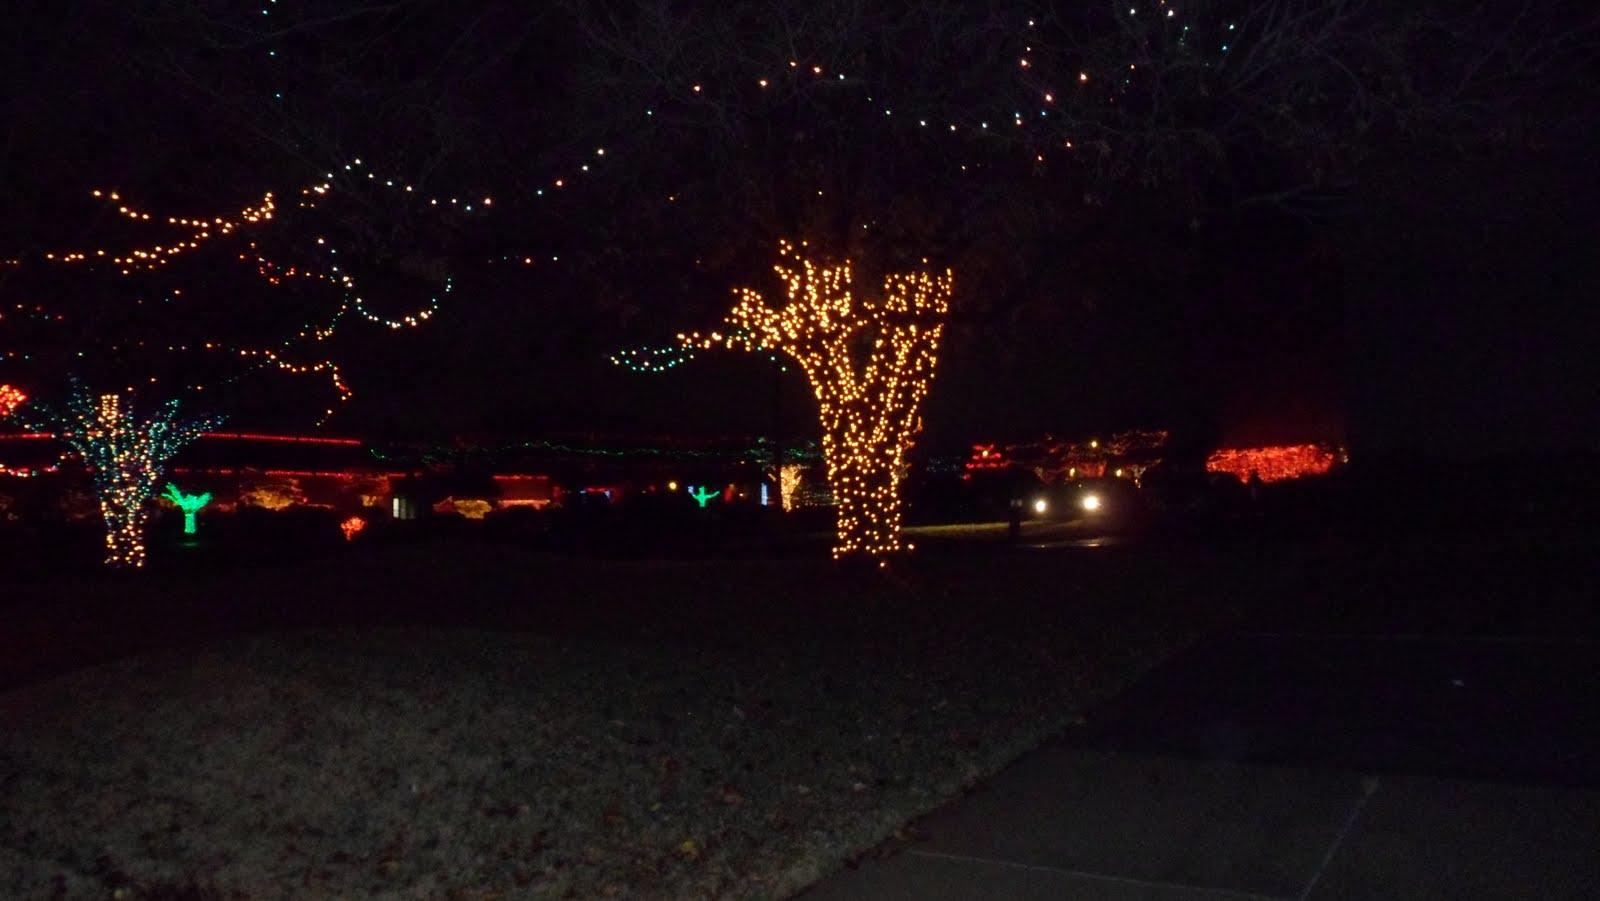 Rhema Christmas Lights.Beryl S Tulsa Blog Christmas Lights Beyond Description